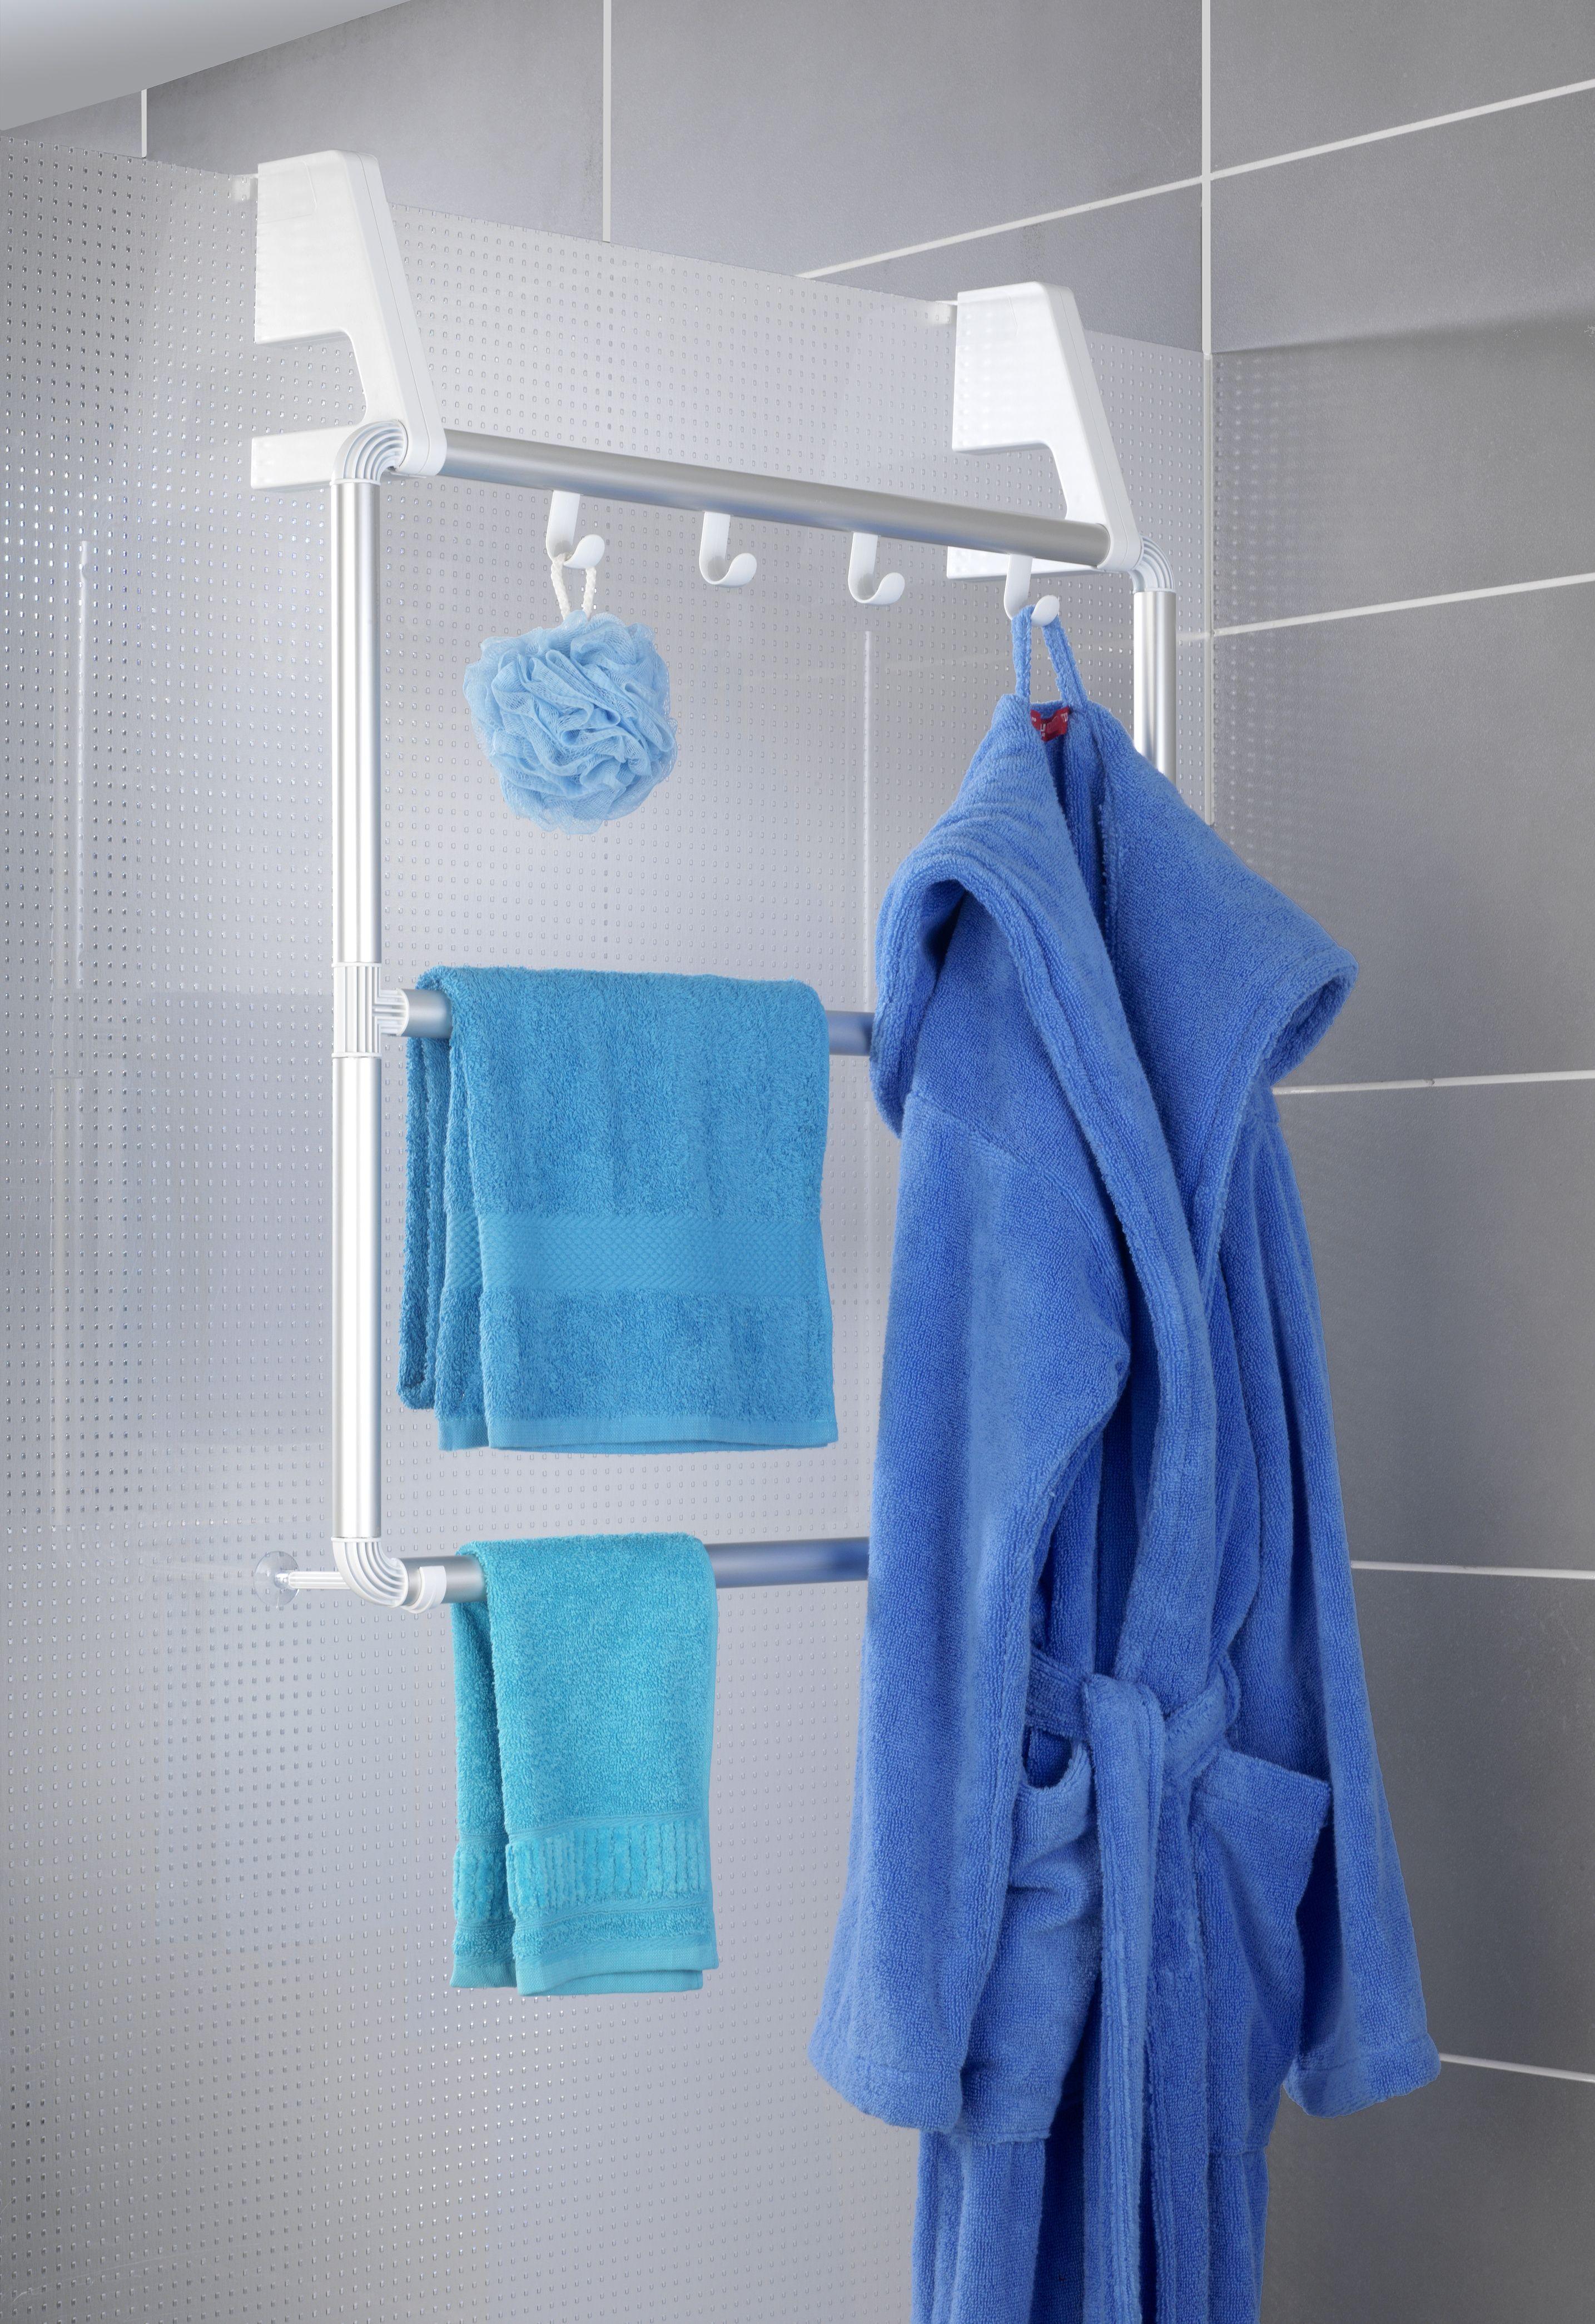 Handtuchhalter Fur Tur Und Duschkabine Compact 2 Handtuchhalter